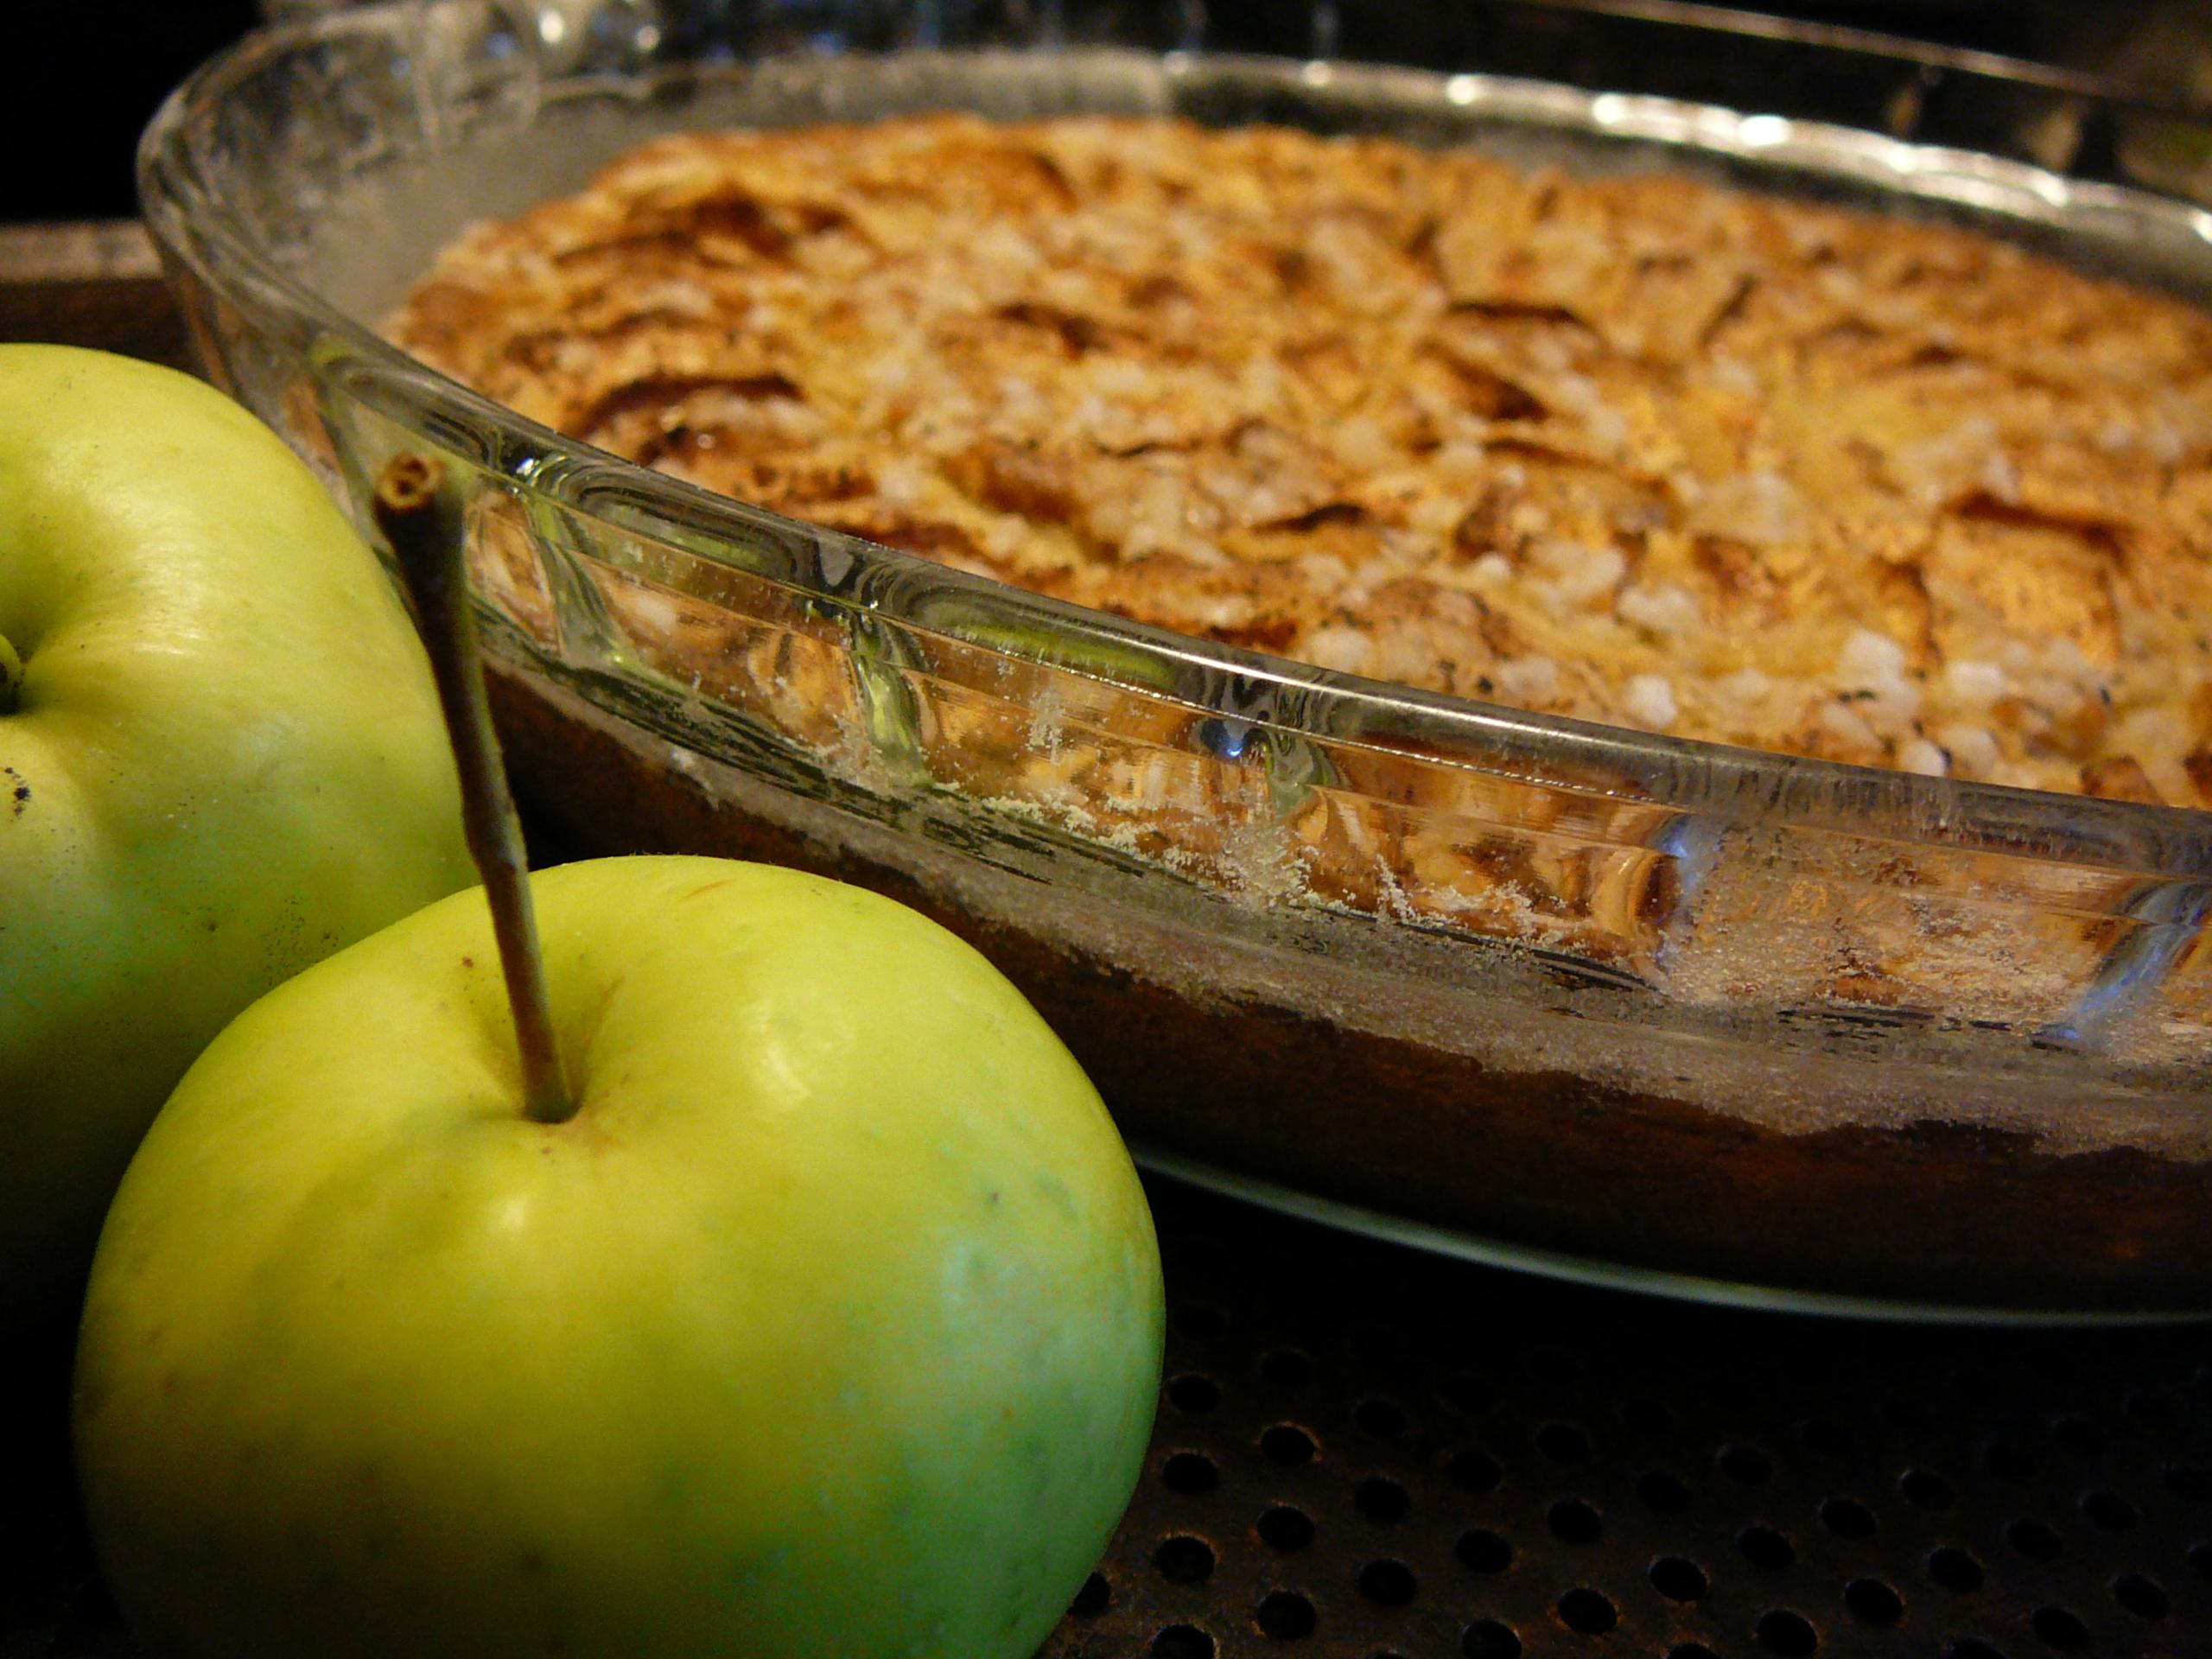 godaste äppelkakan någonsin